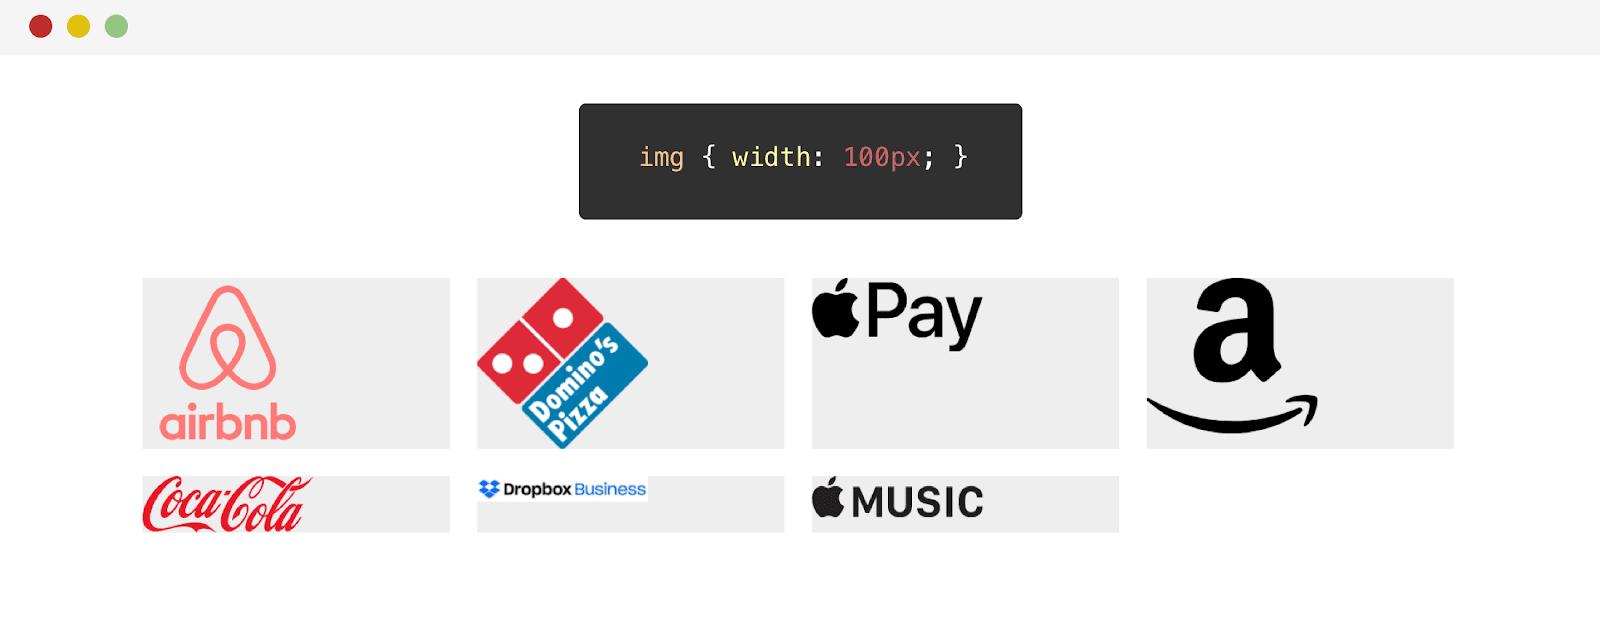 Выравнивание логотипов средствами CSS - 8